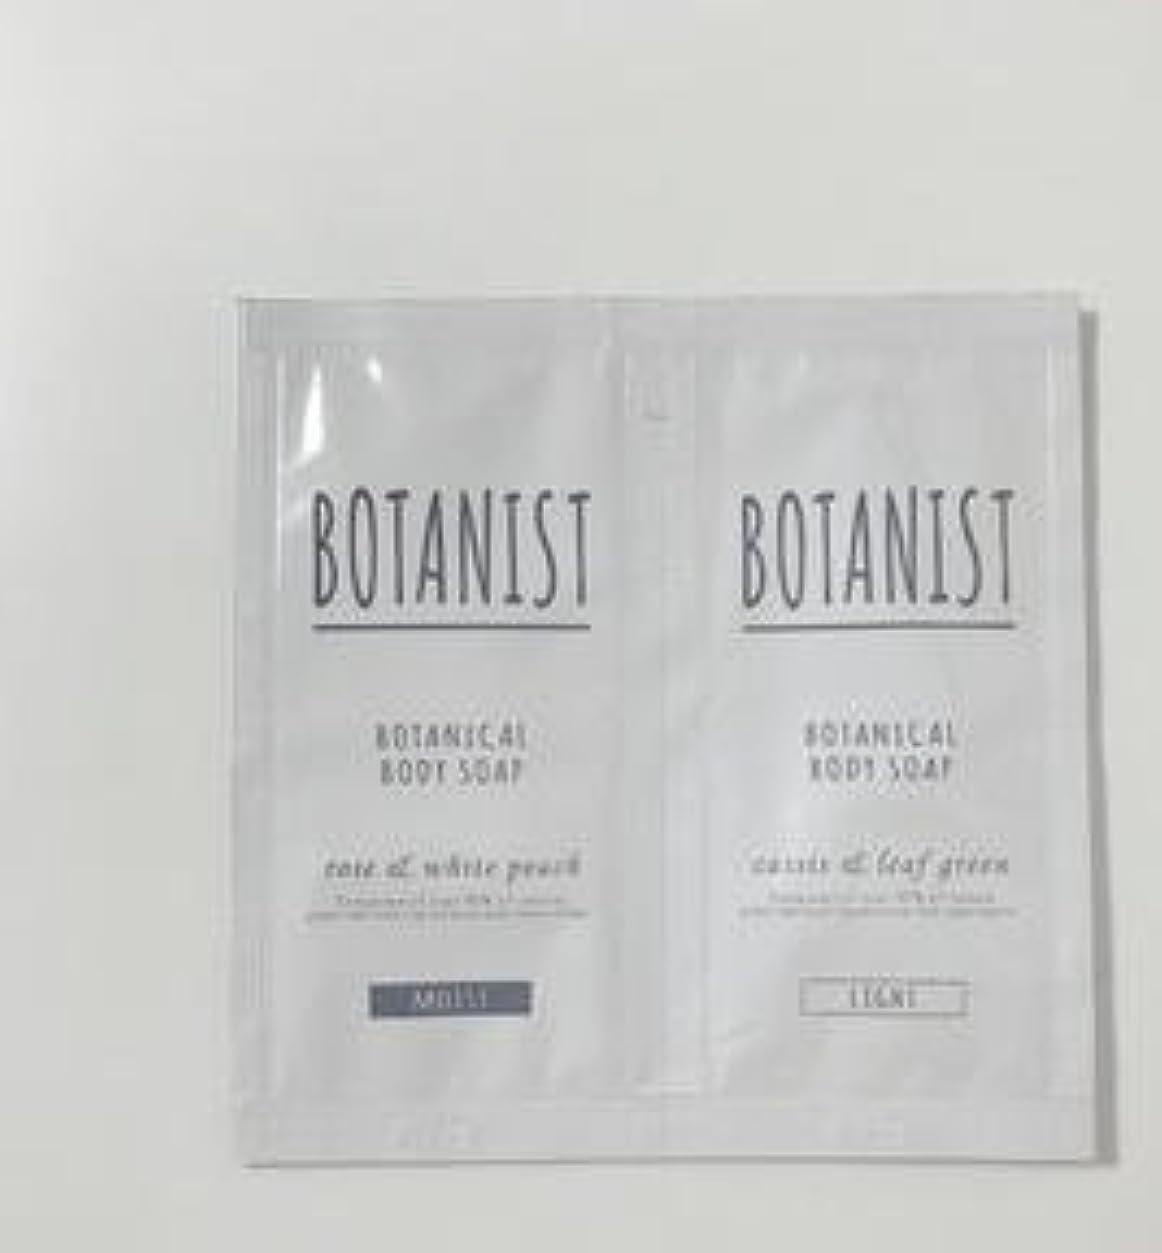 振るバング出力BOTANIST ボタニカル ボディーソープ ライト&モイスト トライアルセット 8ml×2 (ライト&モイスト, 1個)